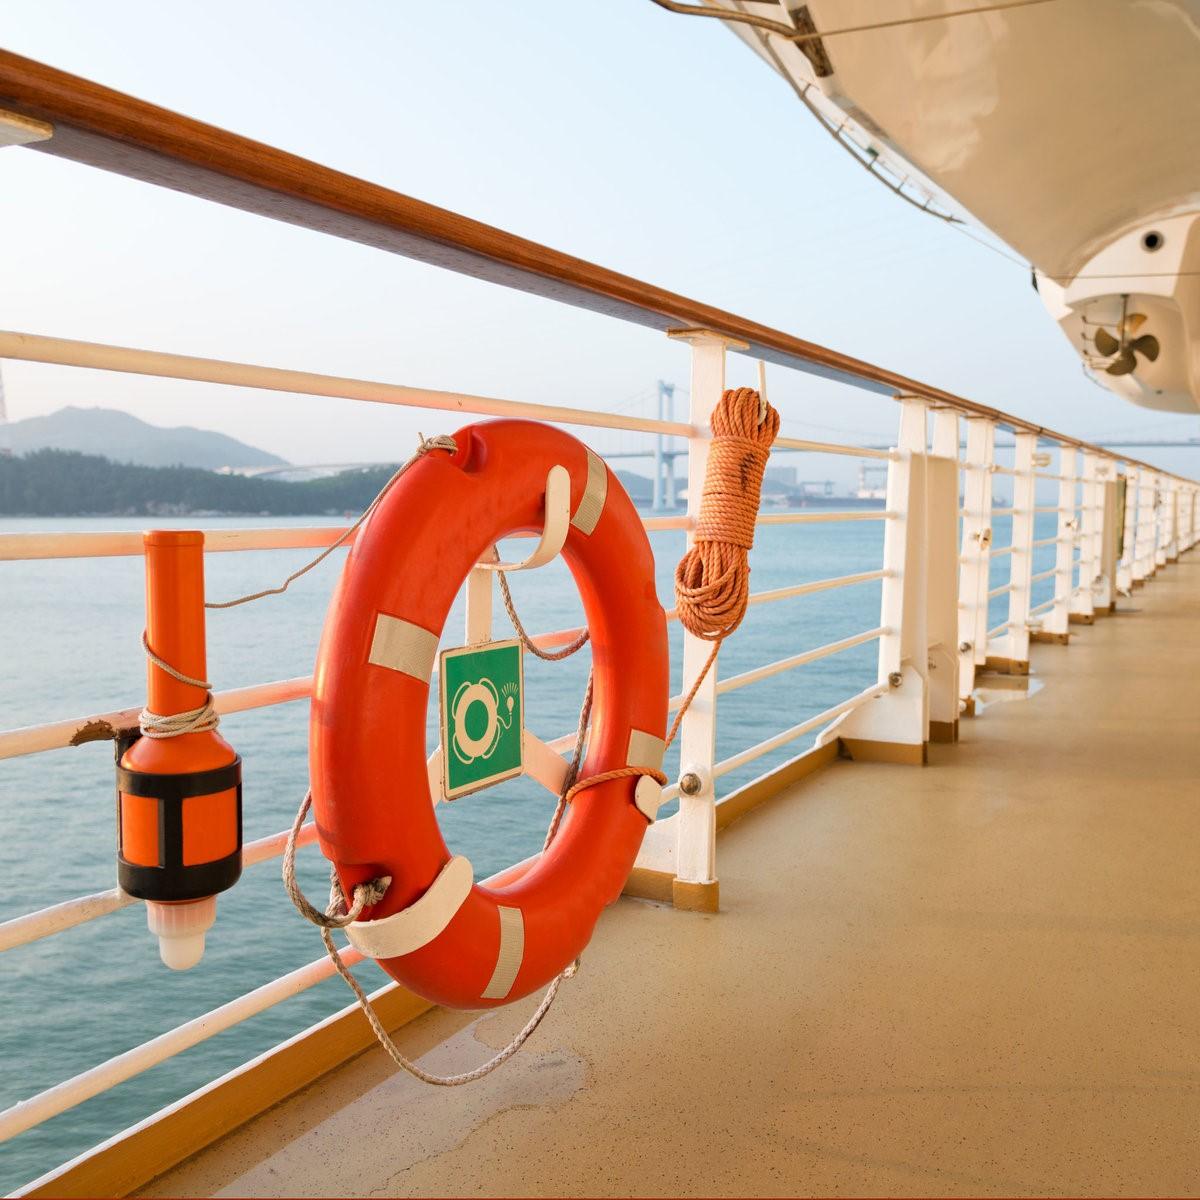 Myth 6 - Cruises Are Dangerous